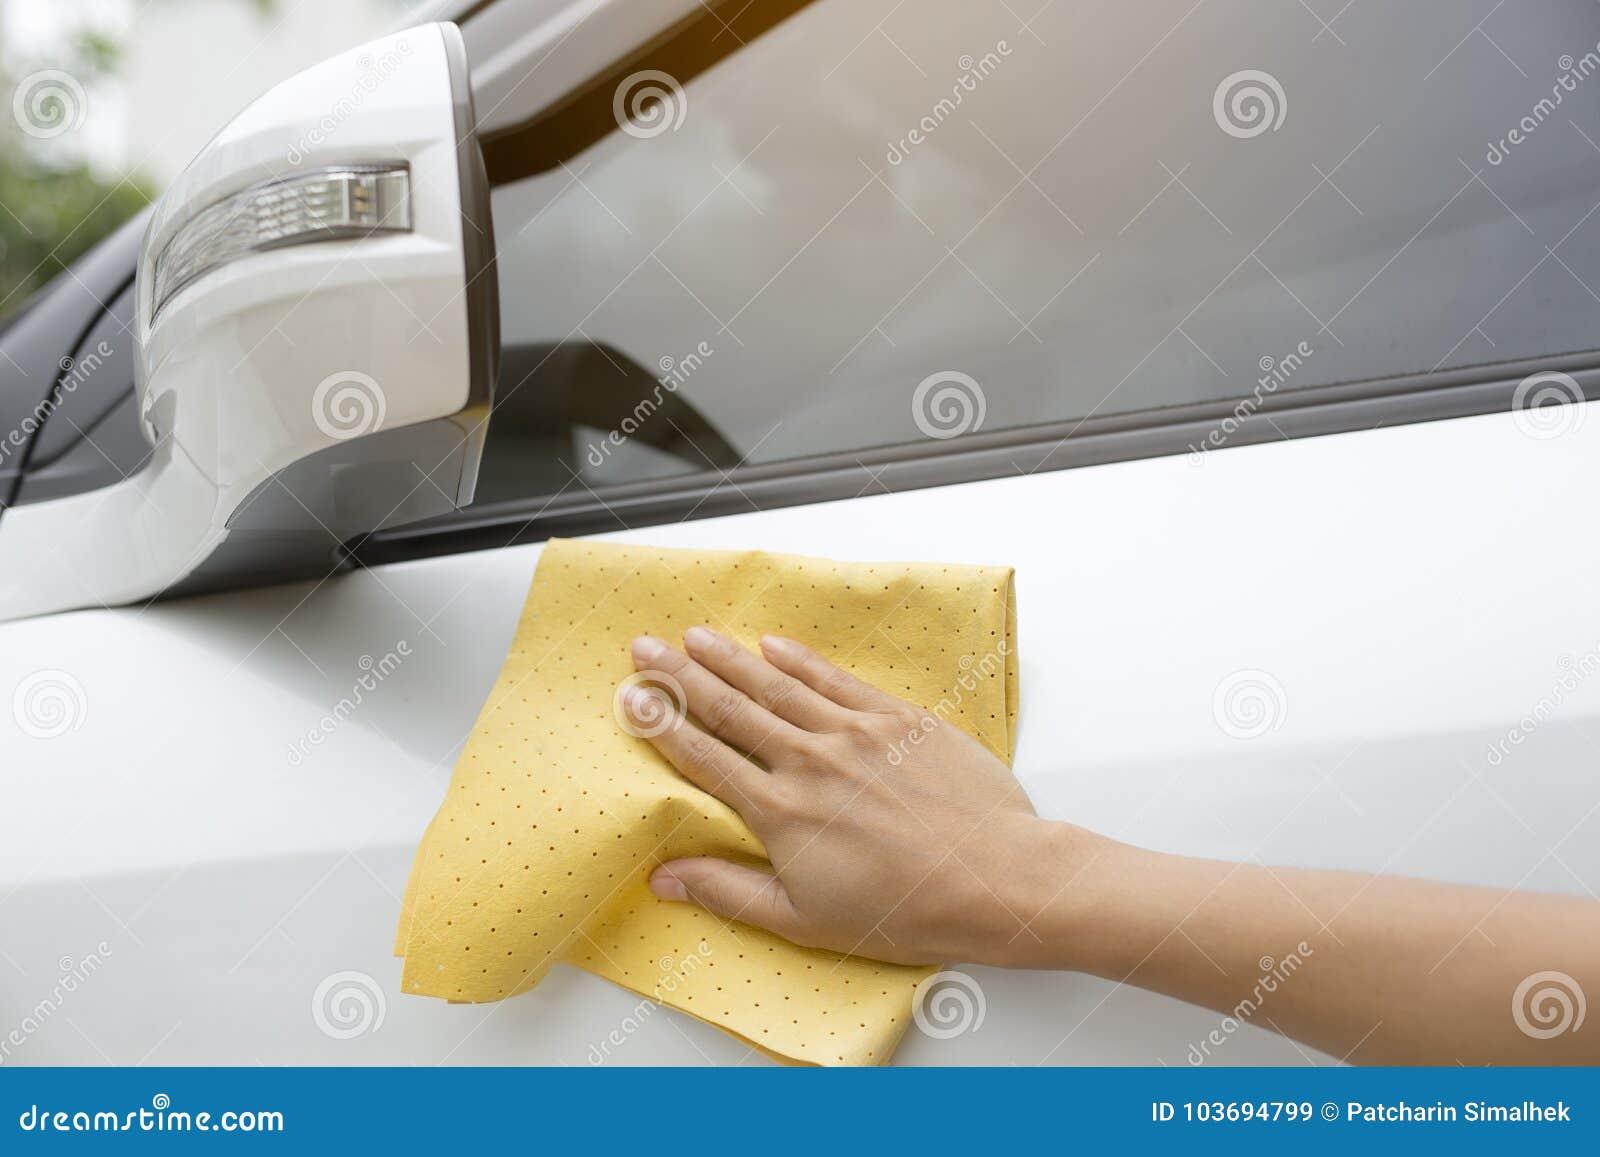 Esta imagen es una imagen de limpiar el coche con un paño amarillo de la microfibra al lado de las manos